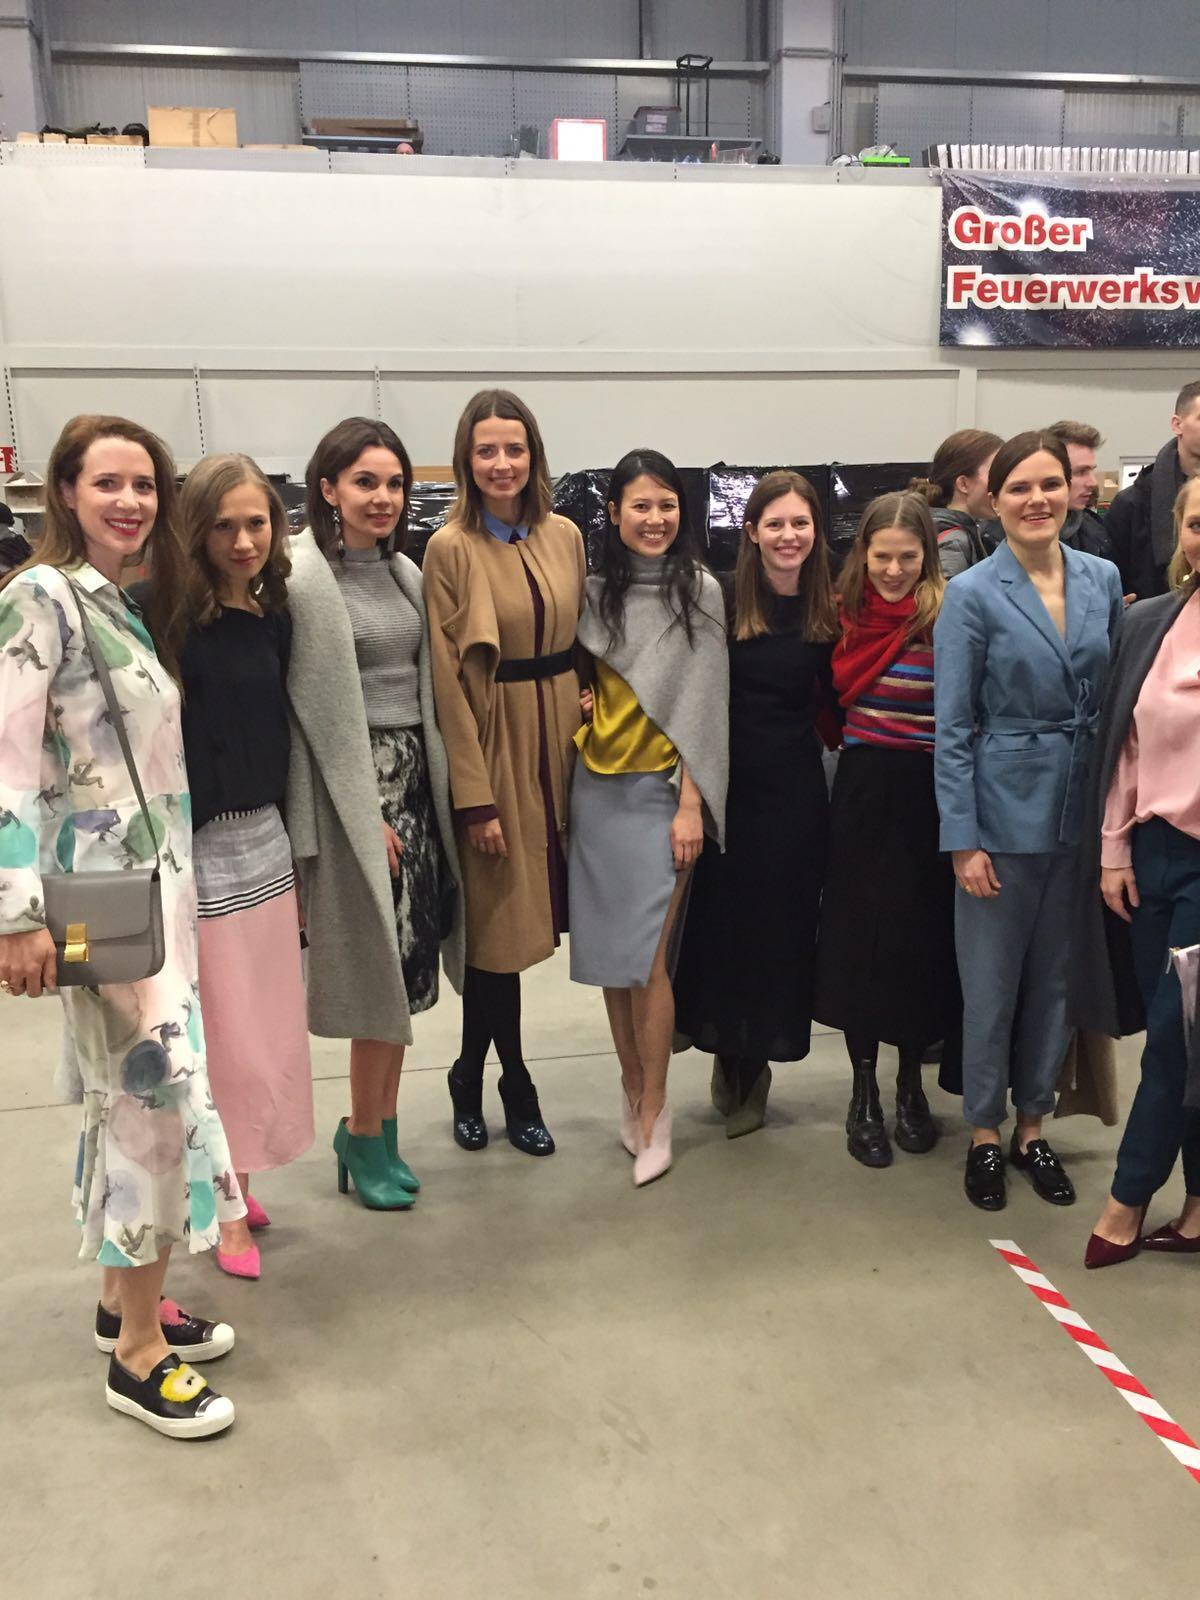 Star-Auflauf bei Perret Schaad: Die deutsche Schauspielriege um Alina Levshin, Fritzi Haberlandt und Co. feiert die neue Kollektion des Berliner Labels